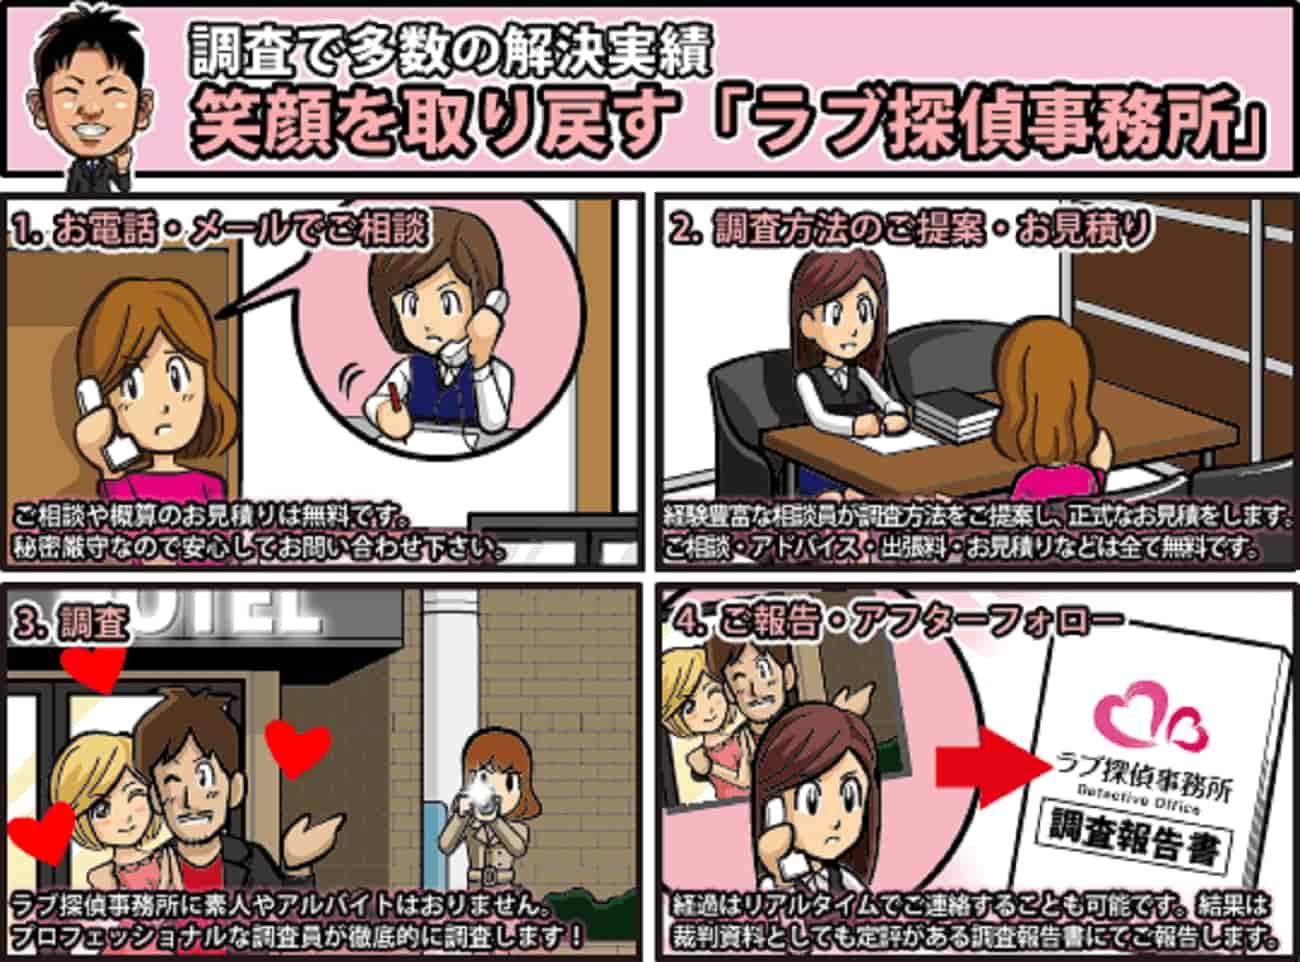 ラブ探偵事務所は千葉県匝瑳市の相談お見積り無料